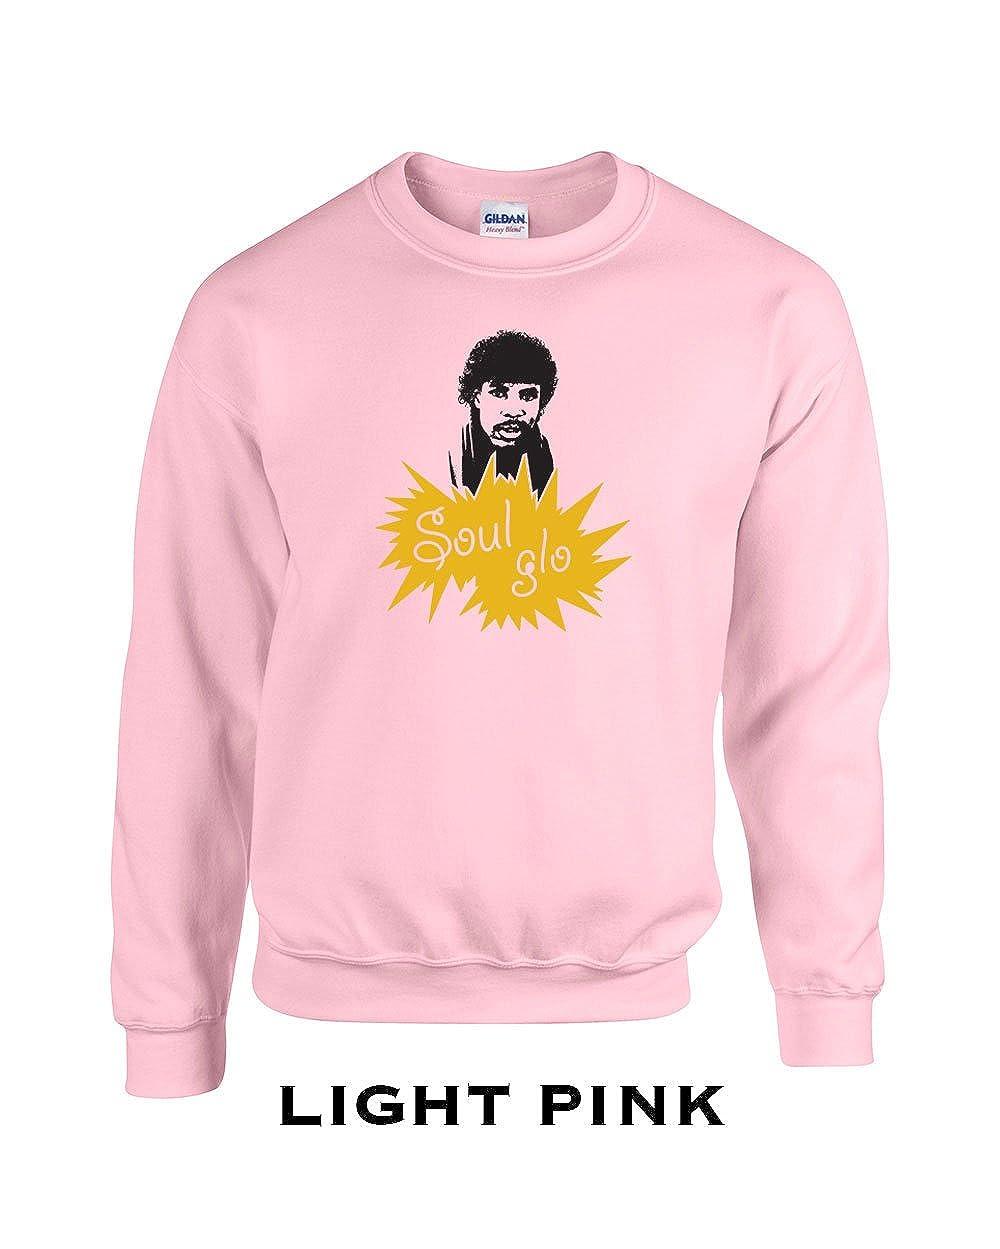 152 Soul Glo Funny Adult Crew Sweatshirt